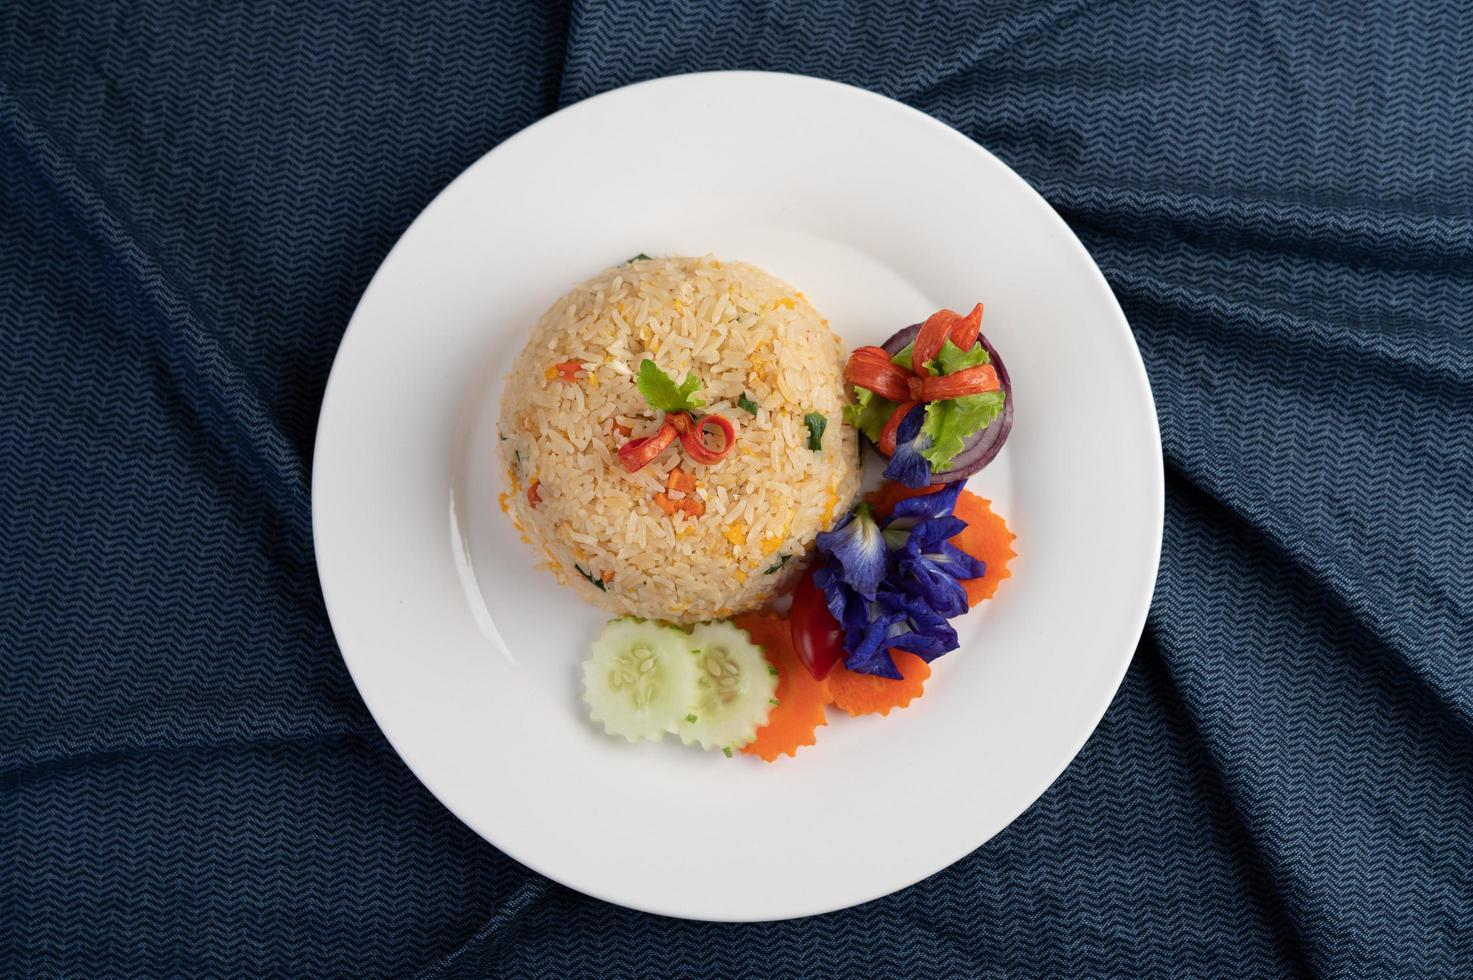 uovo fritto di riso su un piatto bianco con tessuto rugoso foto